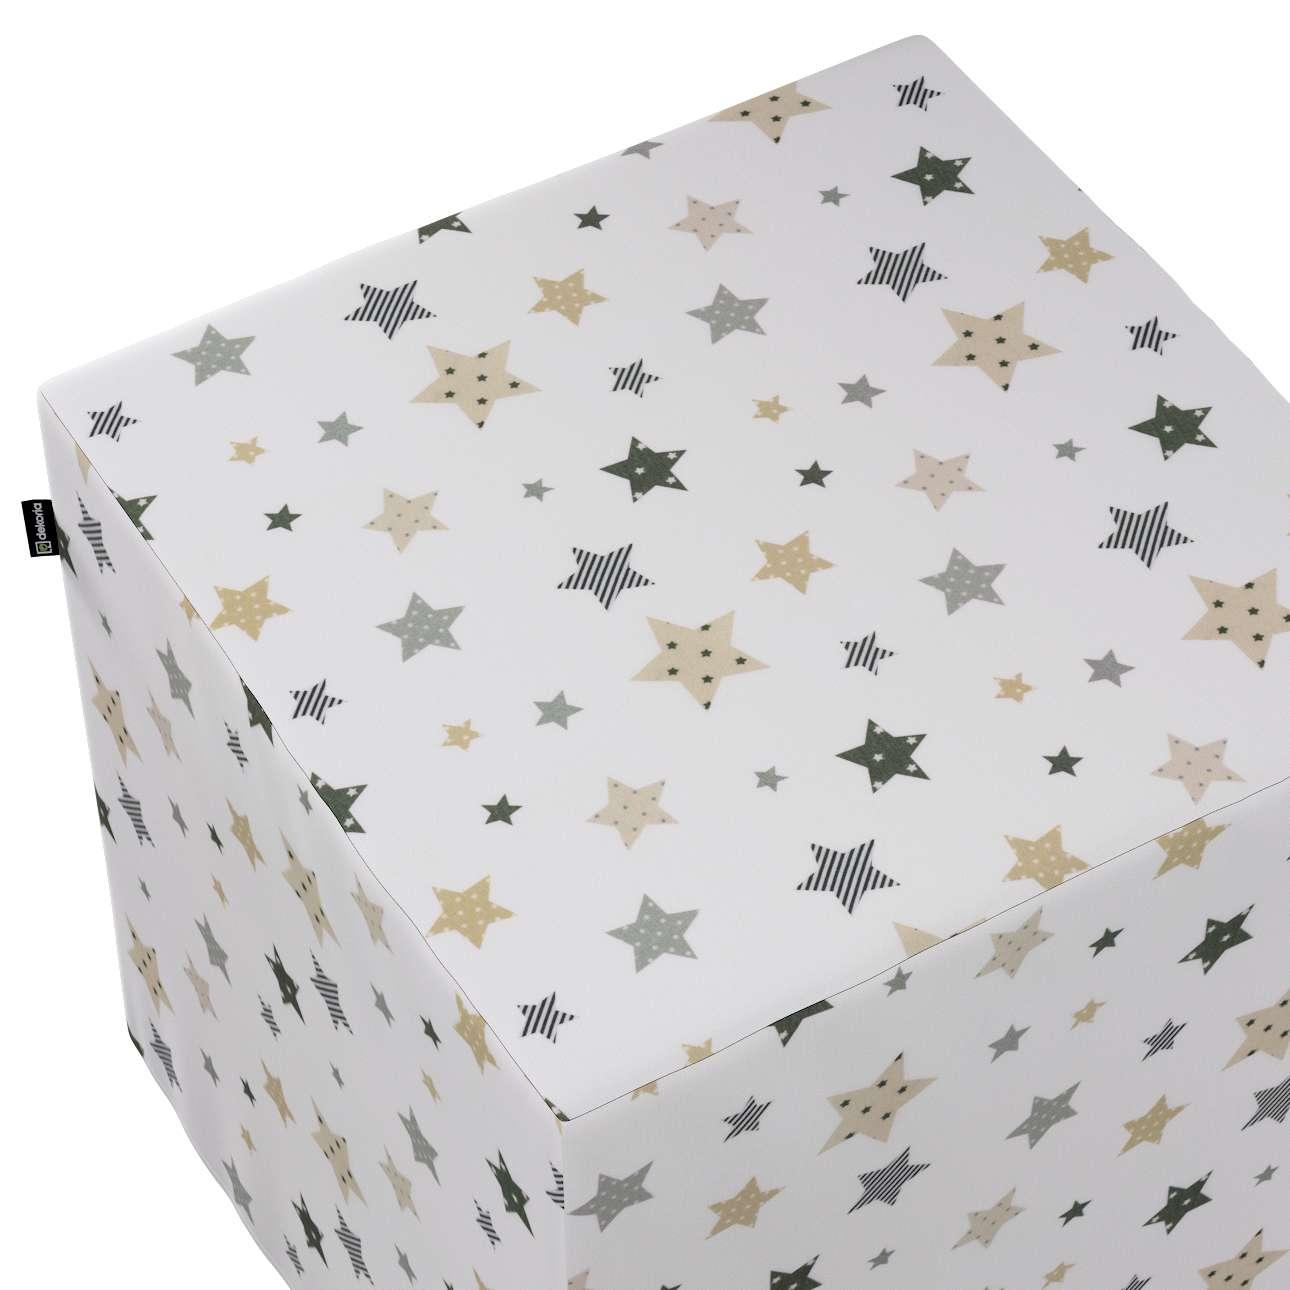 Pokrowiec na pufę kostkę w kolekcji Adventure, tkanina: 141-86